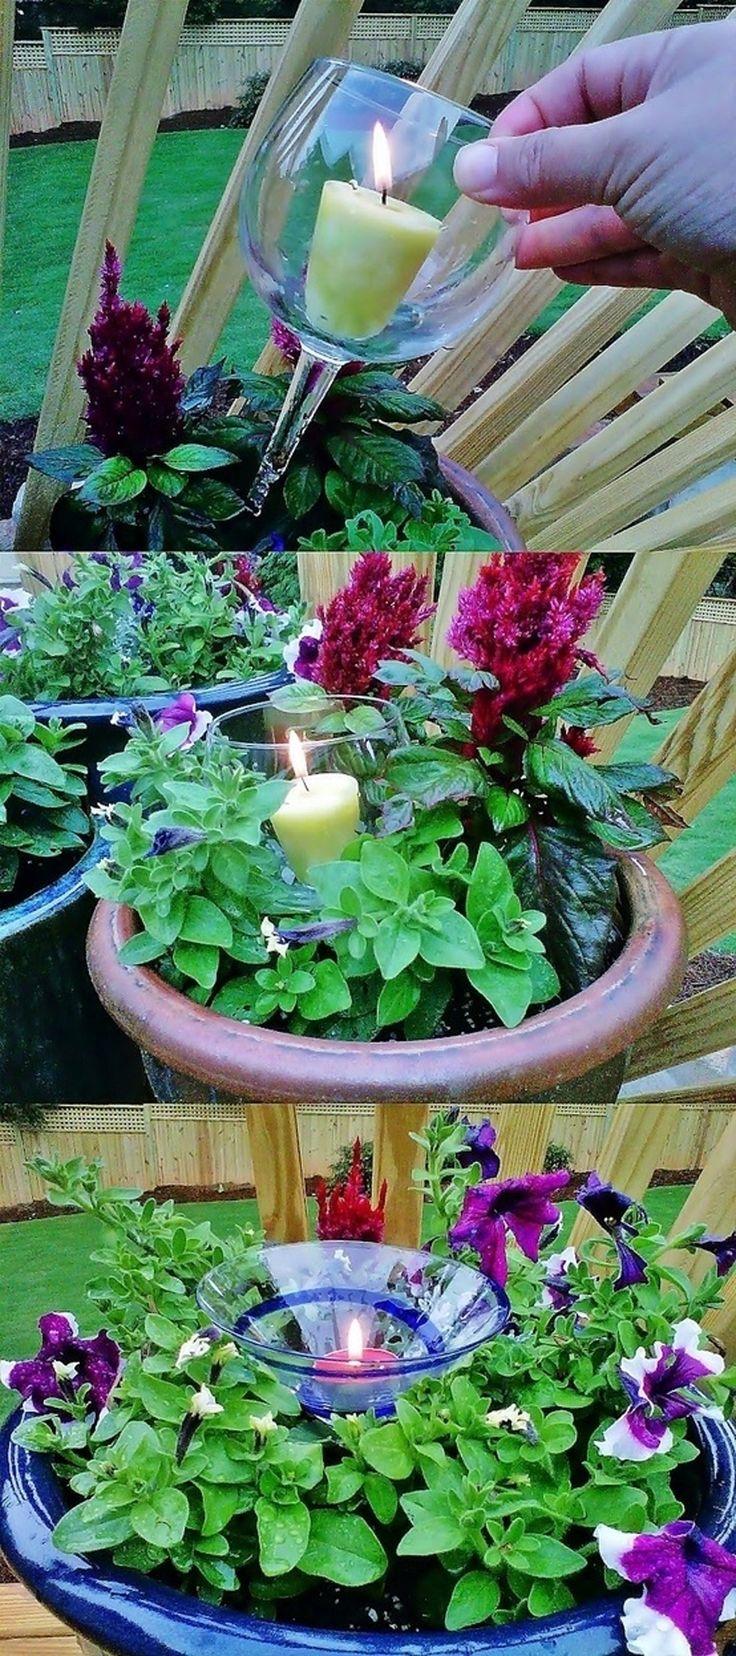 17 Best Ideas About Garten Terrasse On Pinterest | Hofgestaltung ... Umweltfreundliche Gartengestaltung